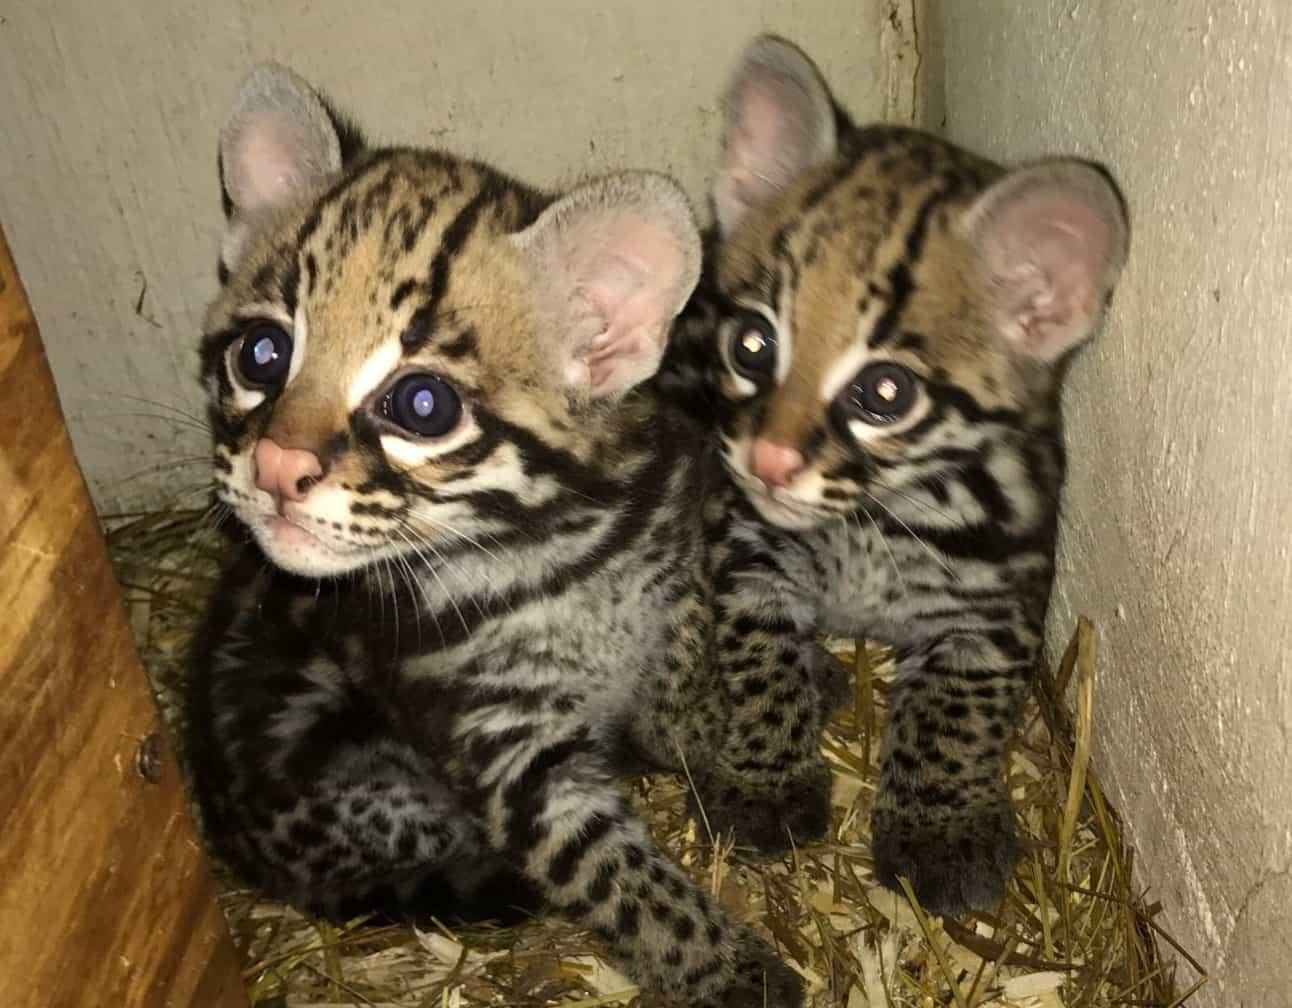 Greenville Zoo welcomes two ocelot kittens - GREENVILLE JOURNAL